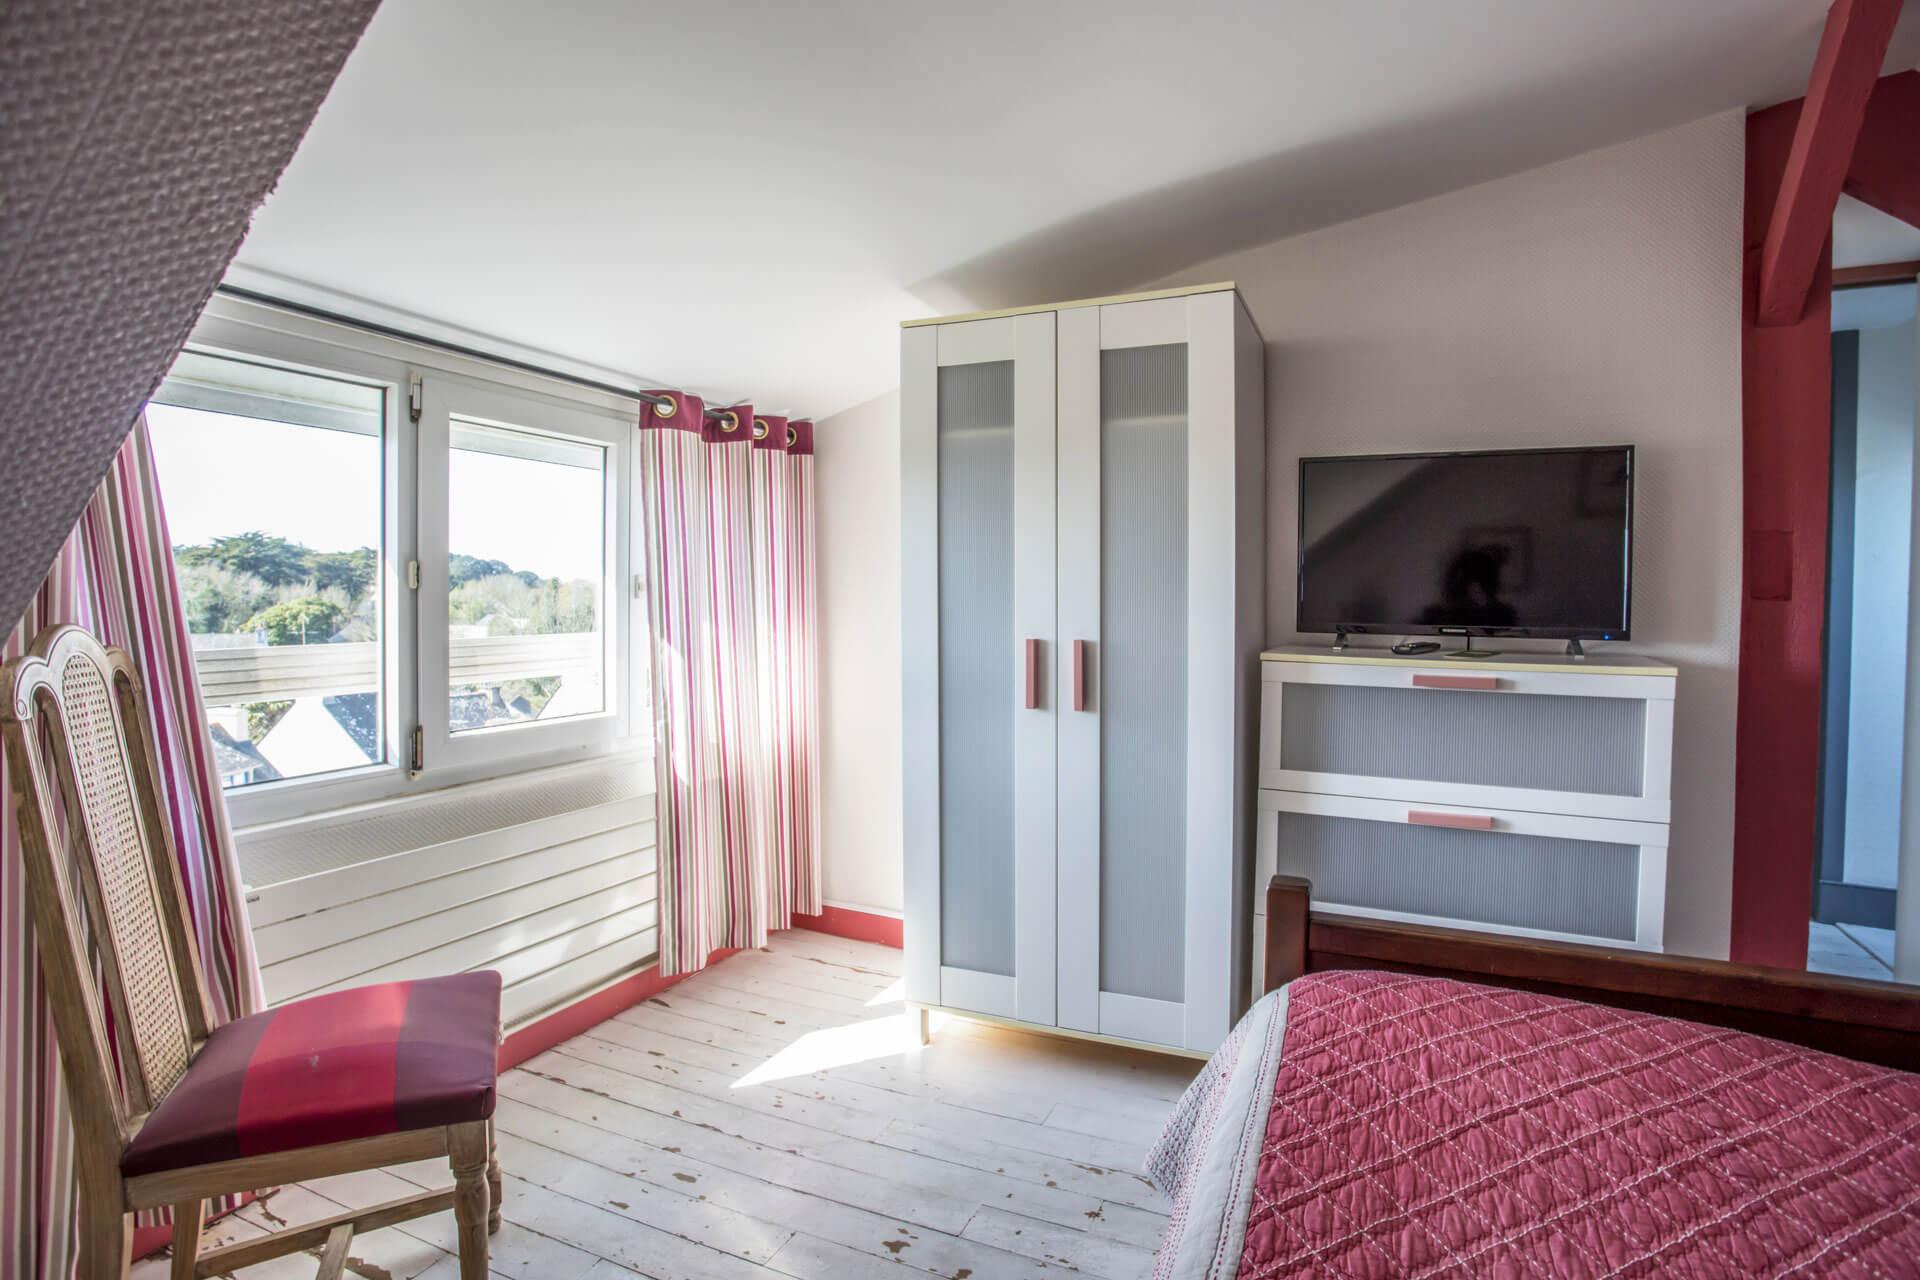 chambre d'hôtel spacieuse